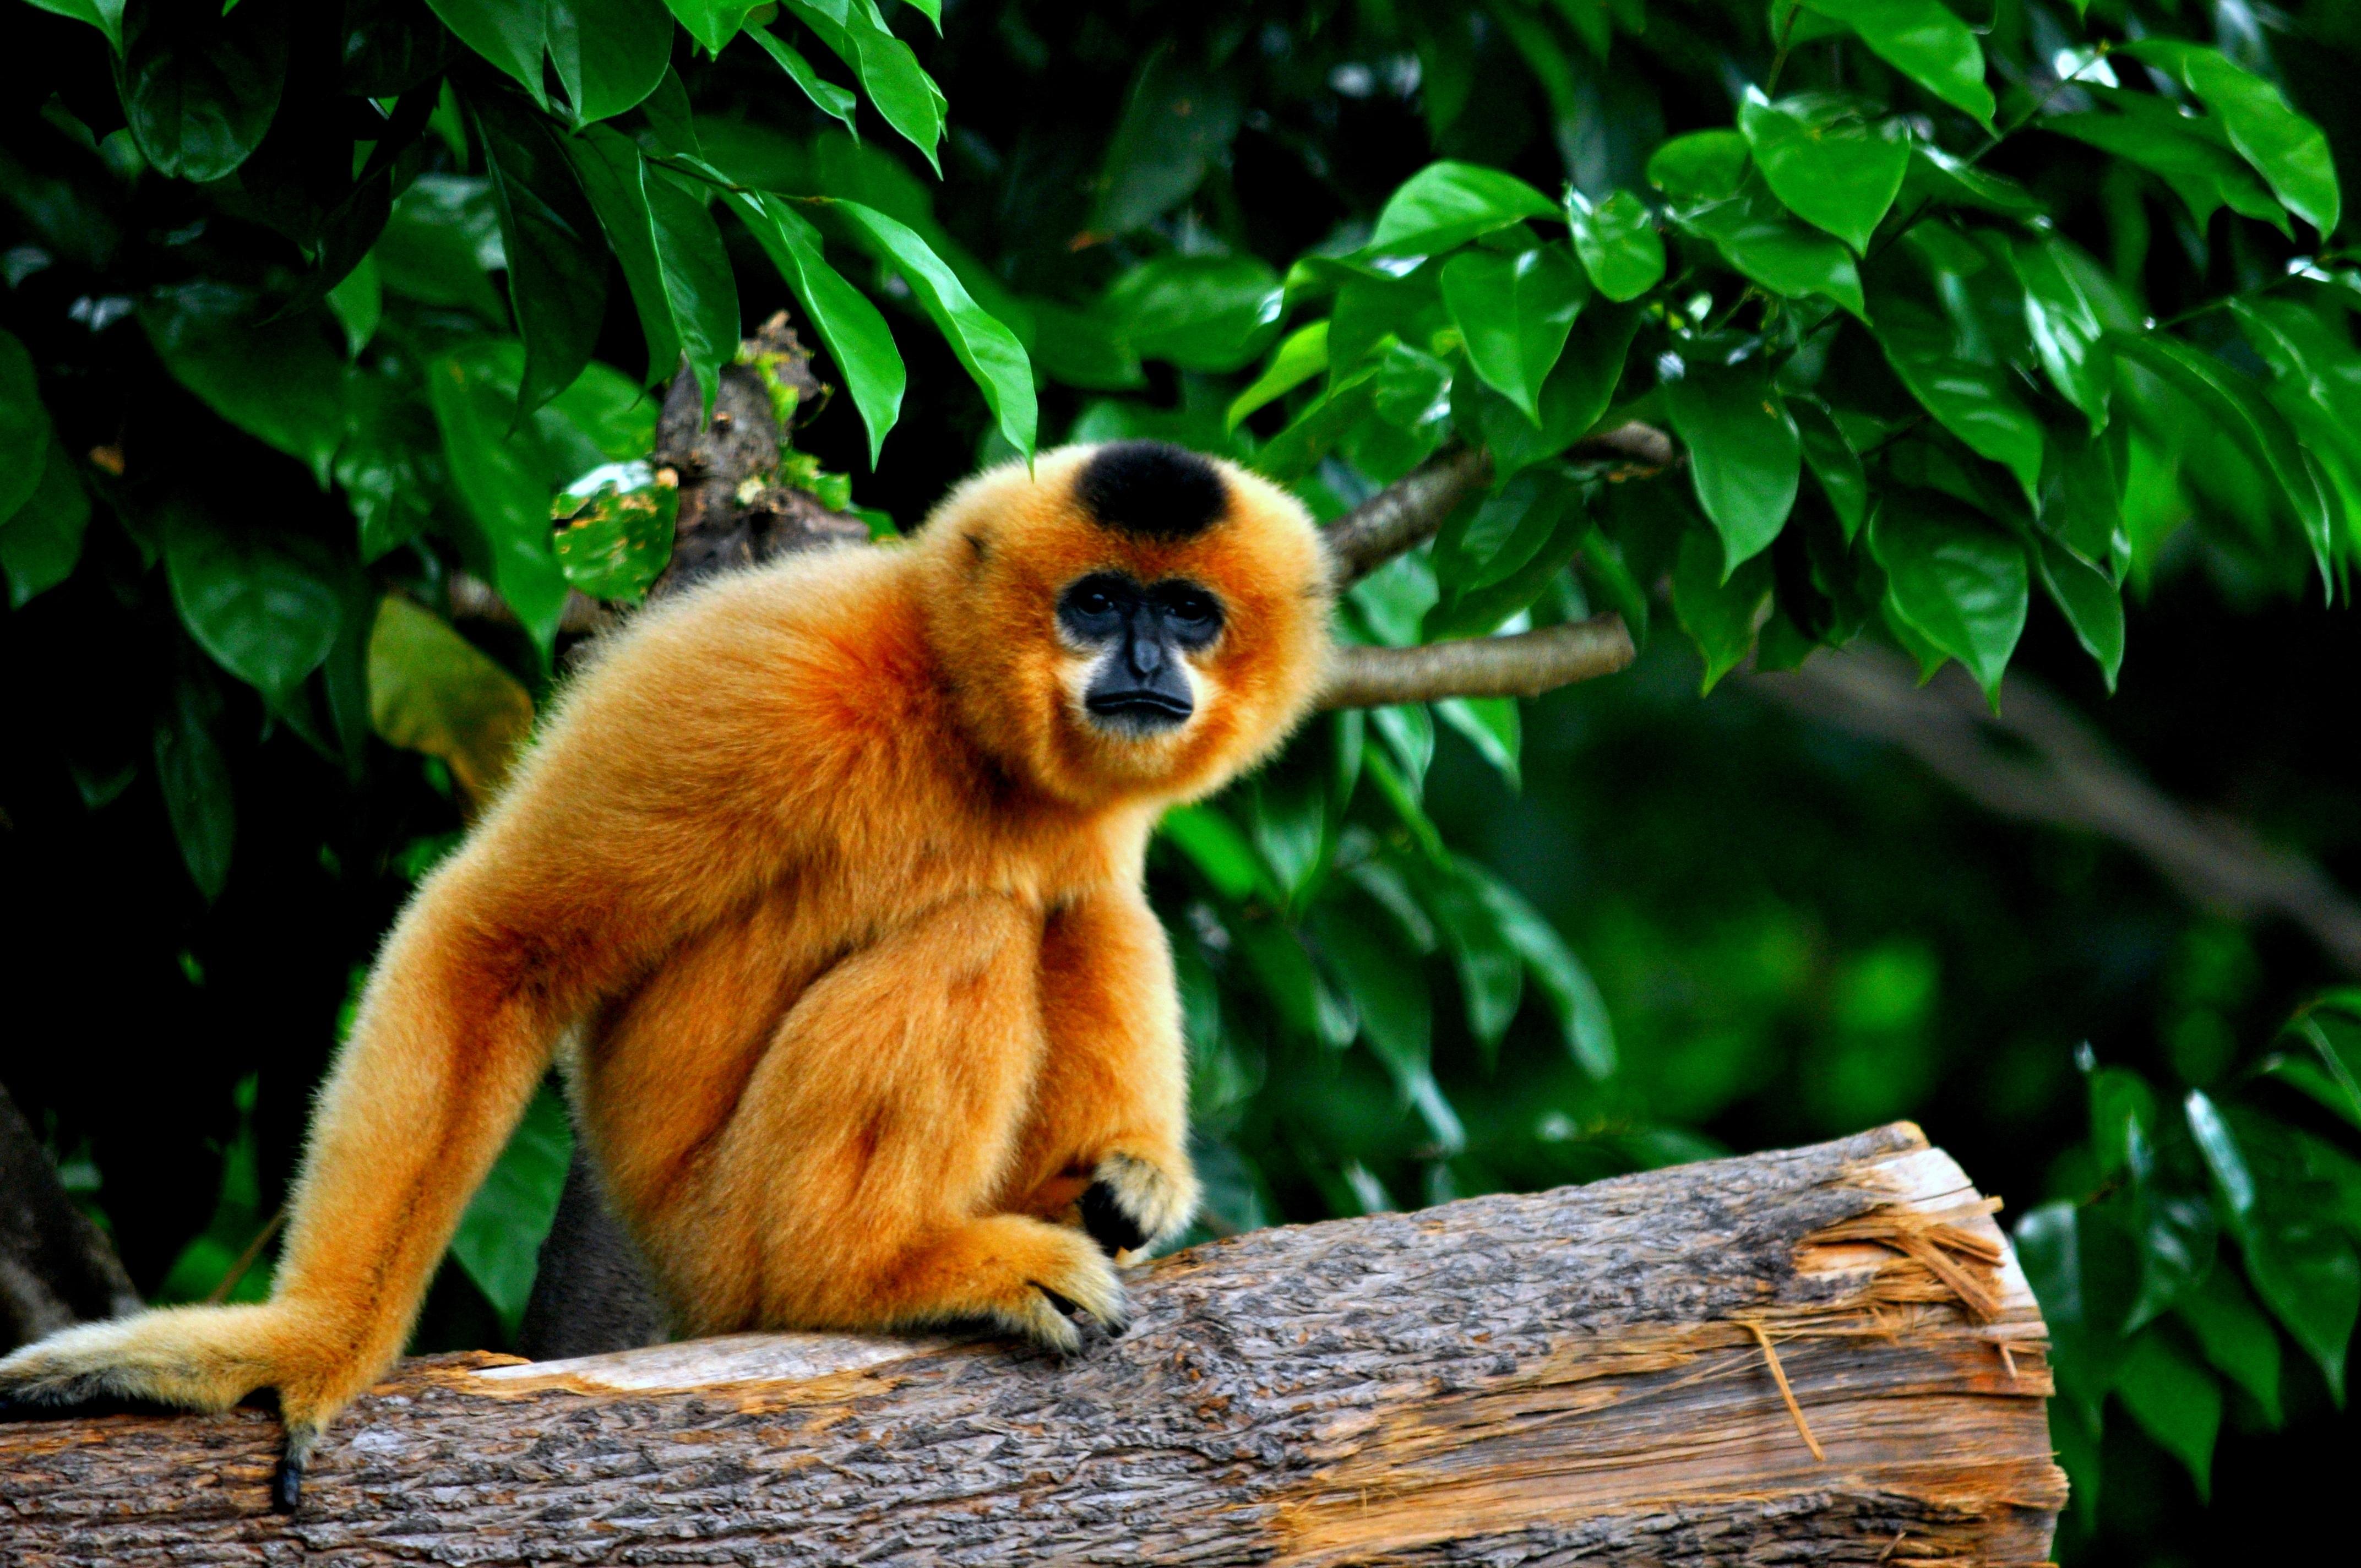 обезьянки в джунглях картинка балаяж